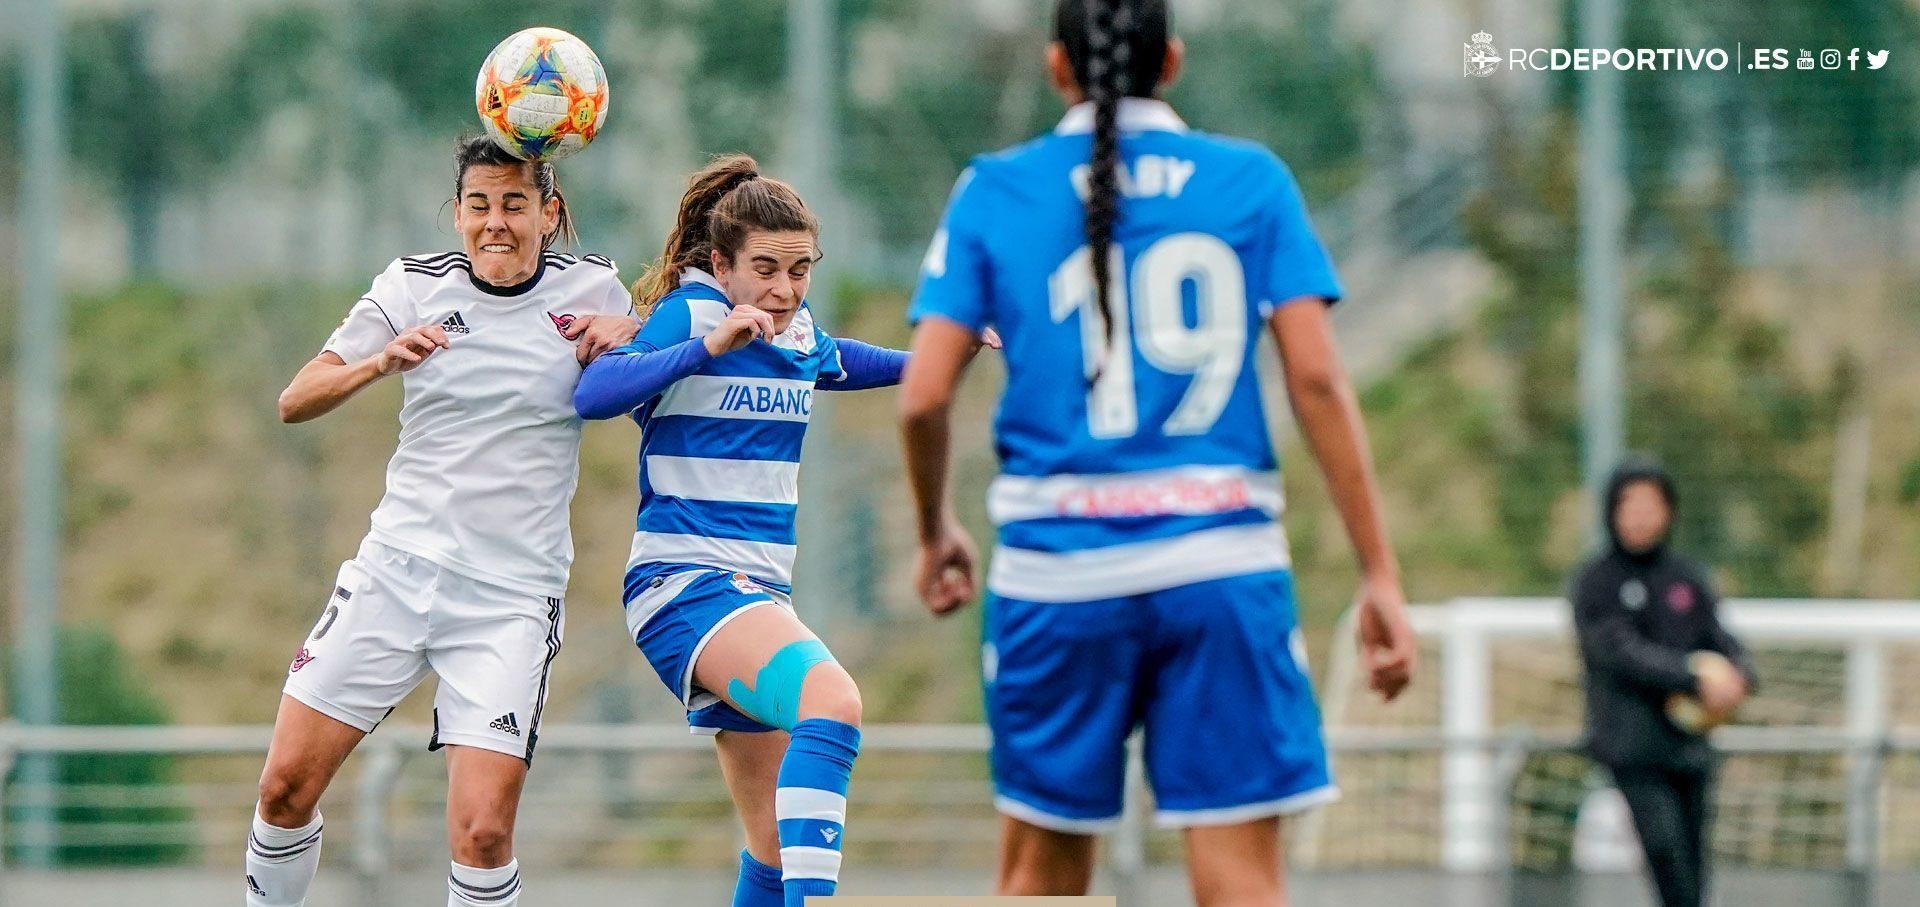 Tere e Gaby-CD-Tacon - Deportivo-ABANCA | RCD